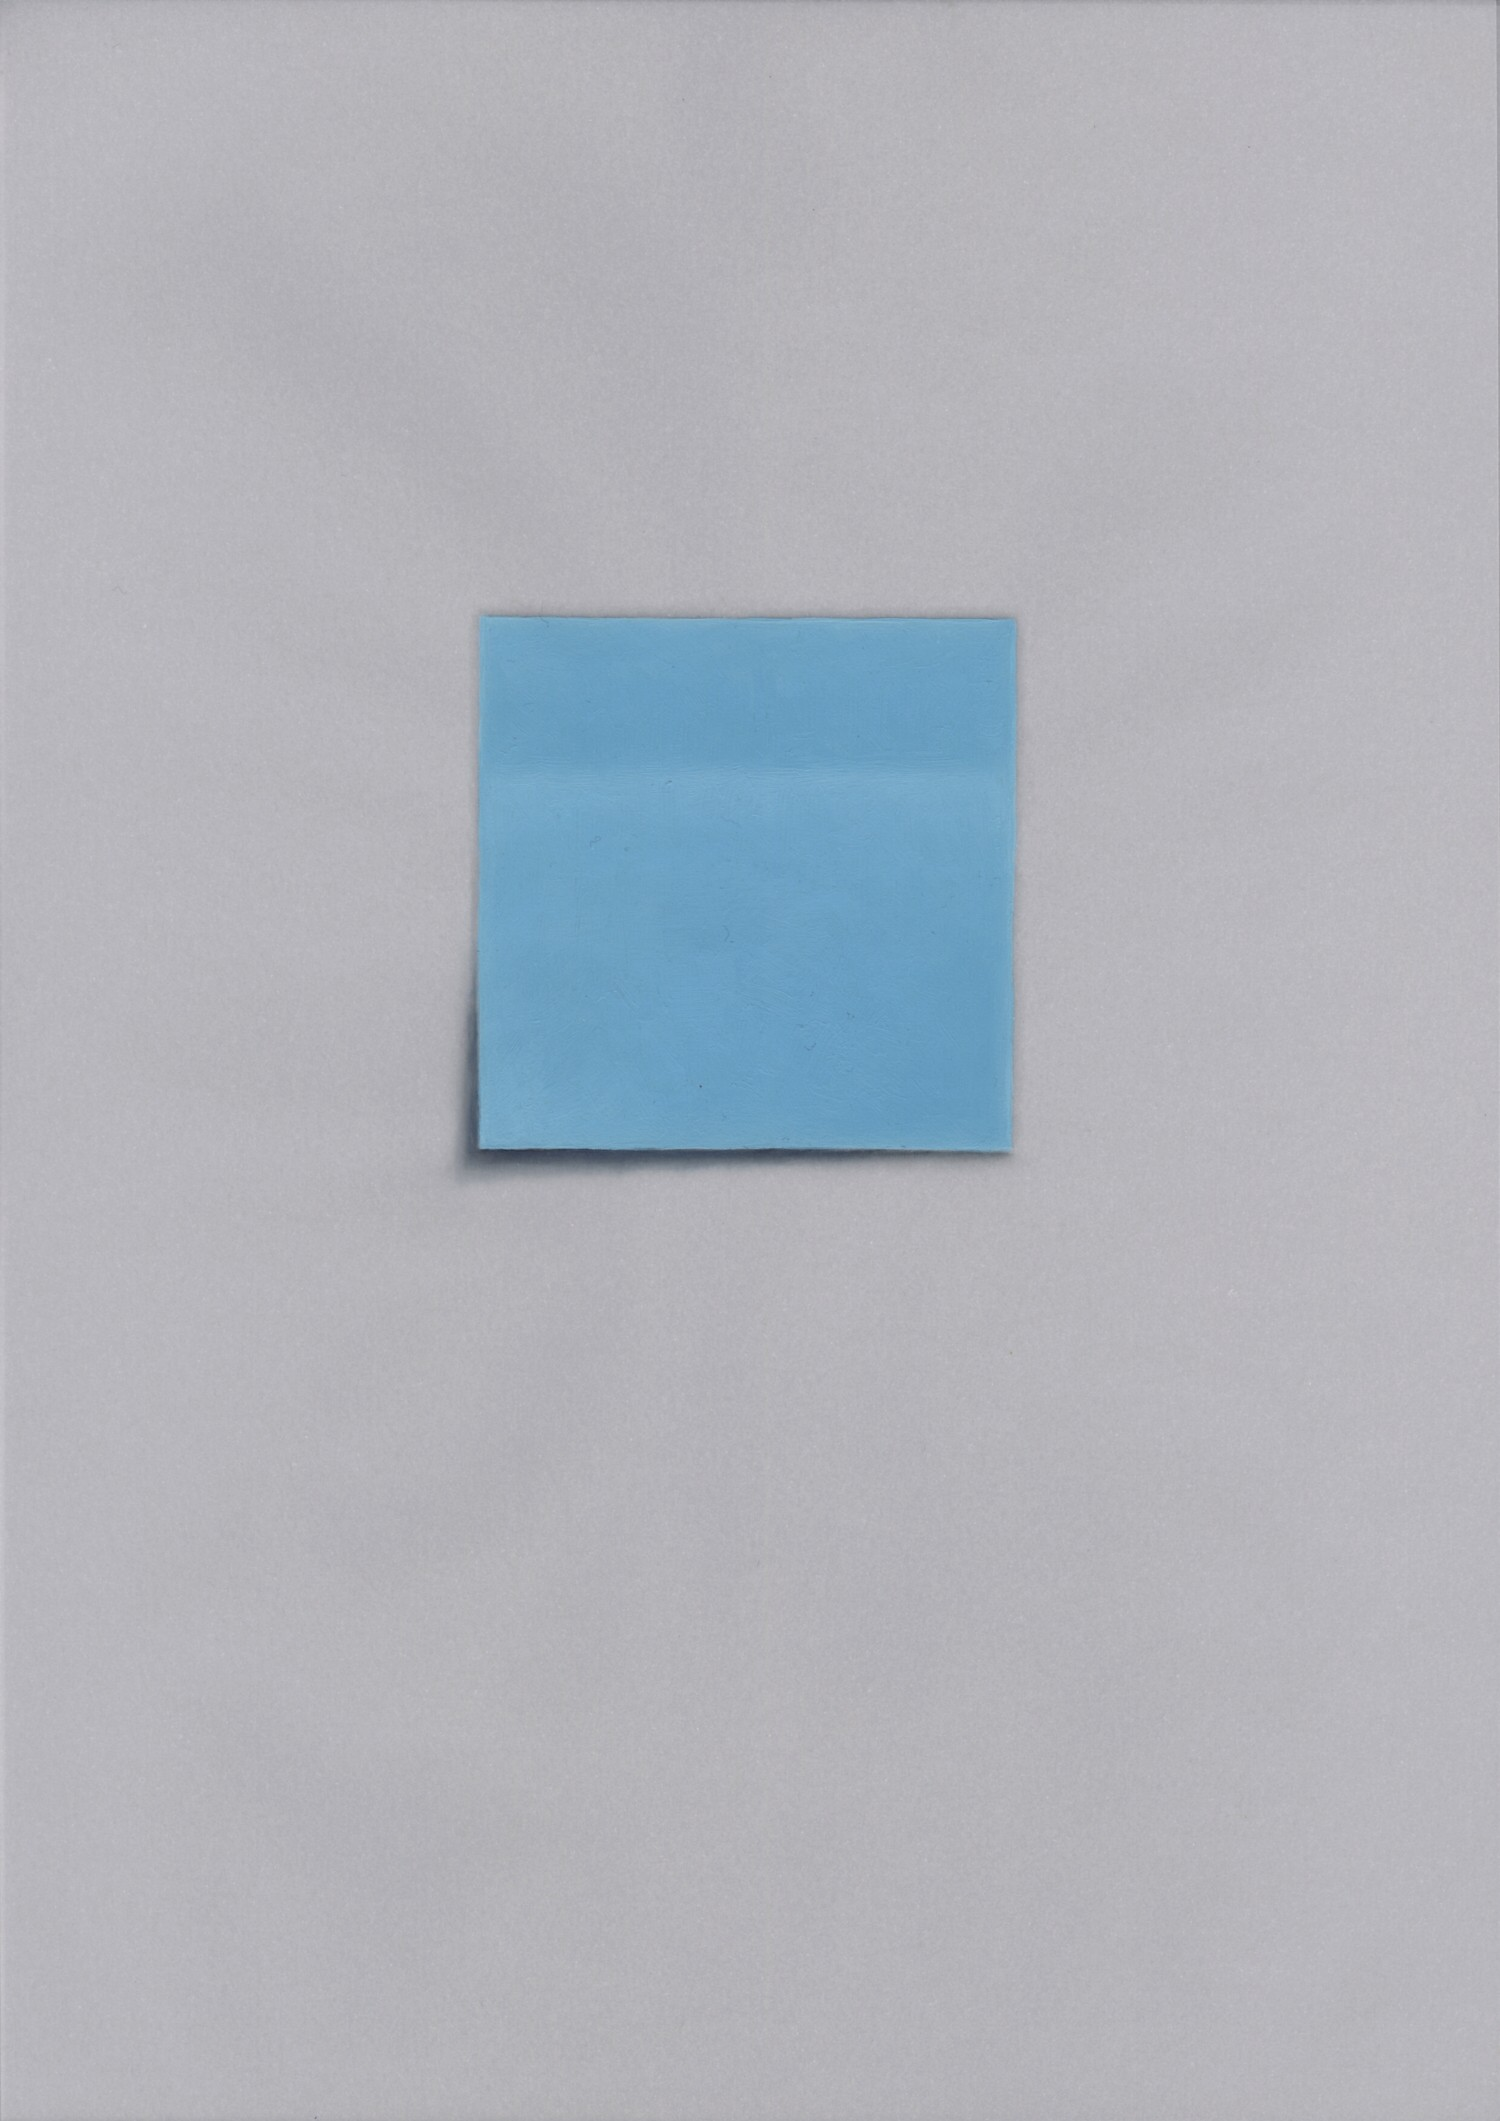 Vellum 02#2013, 29,7 x 21 cm, Öl auf Transparentpapier